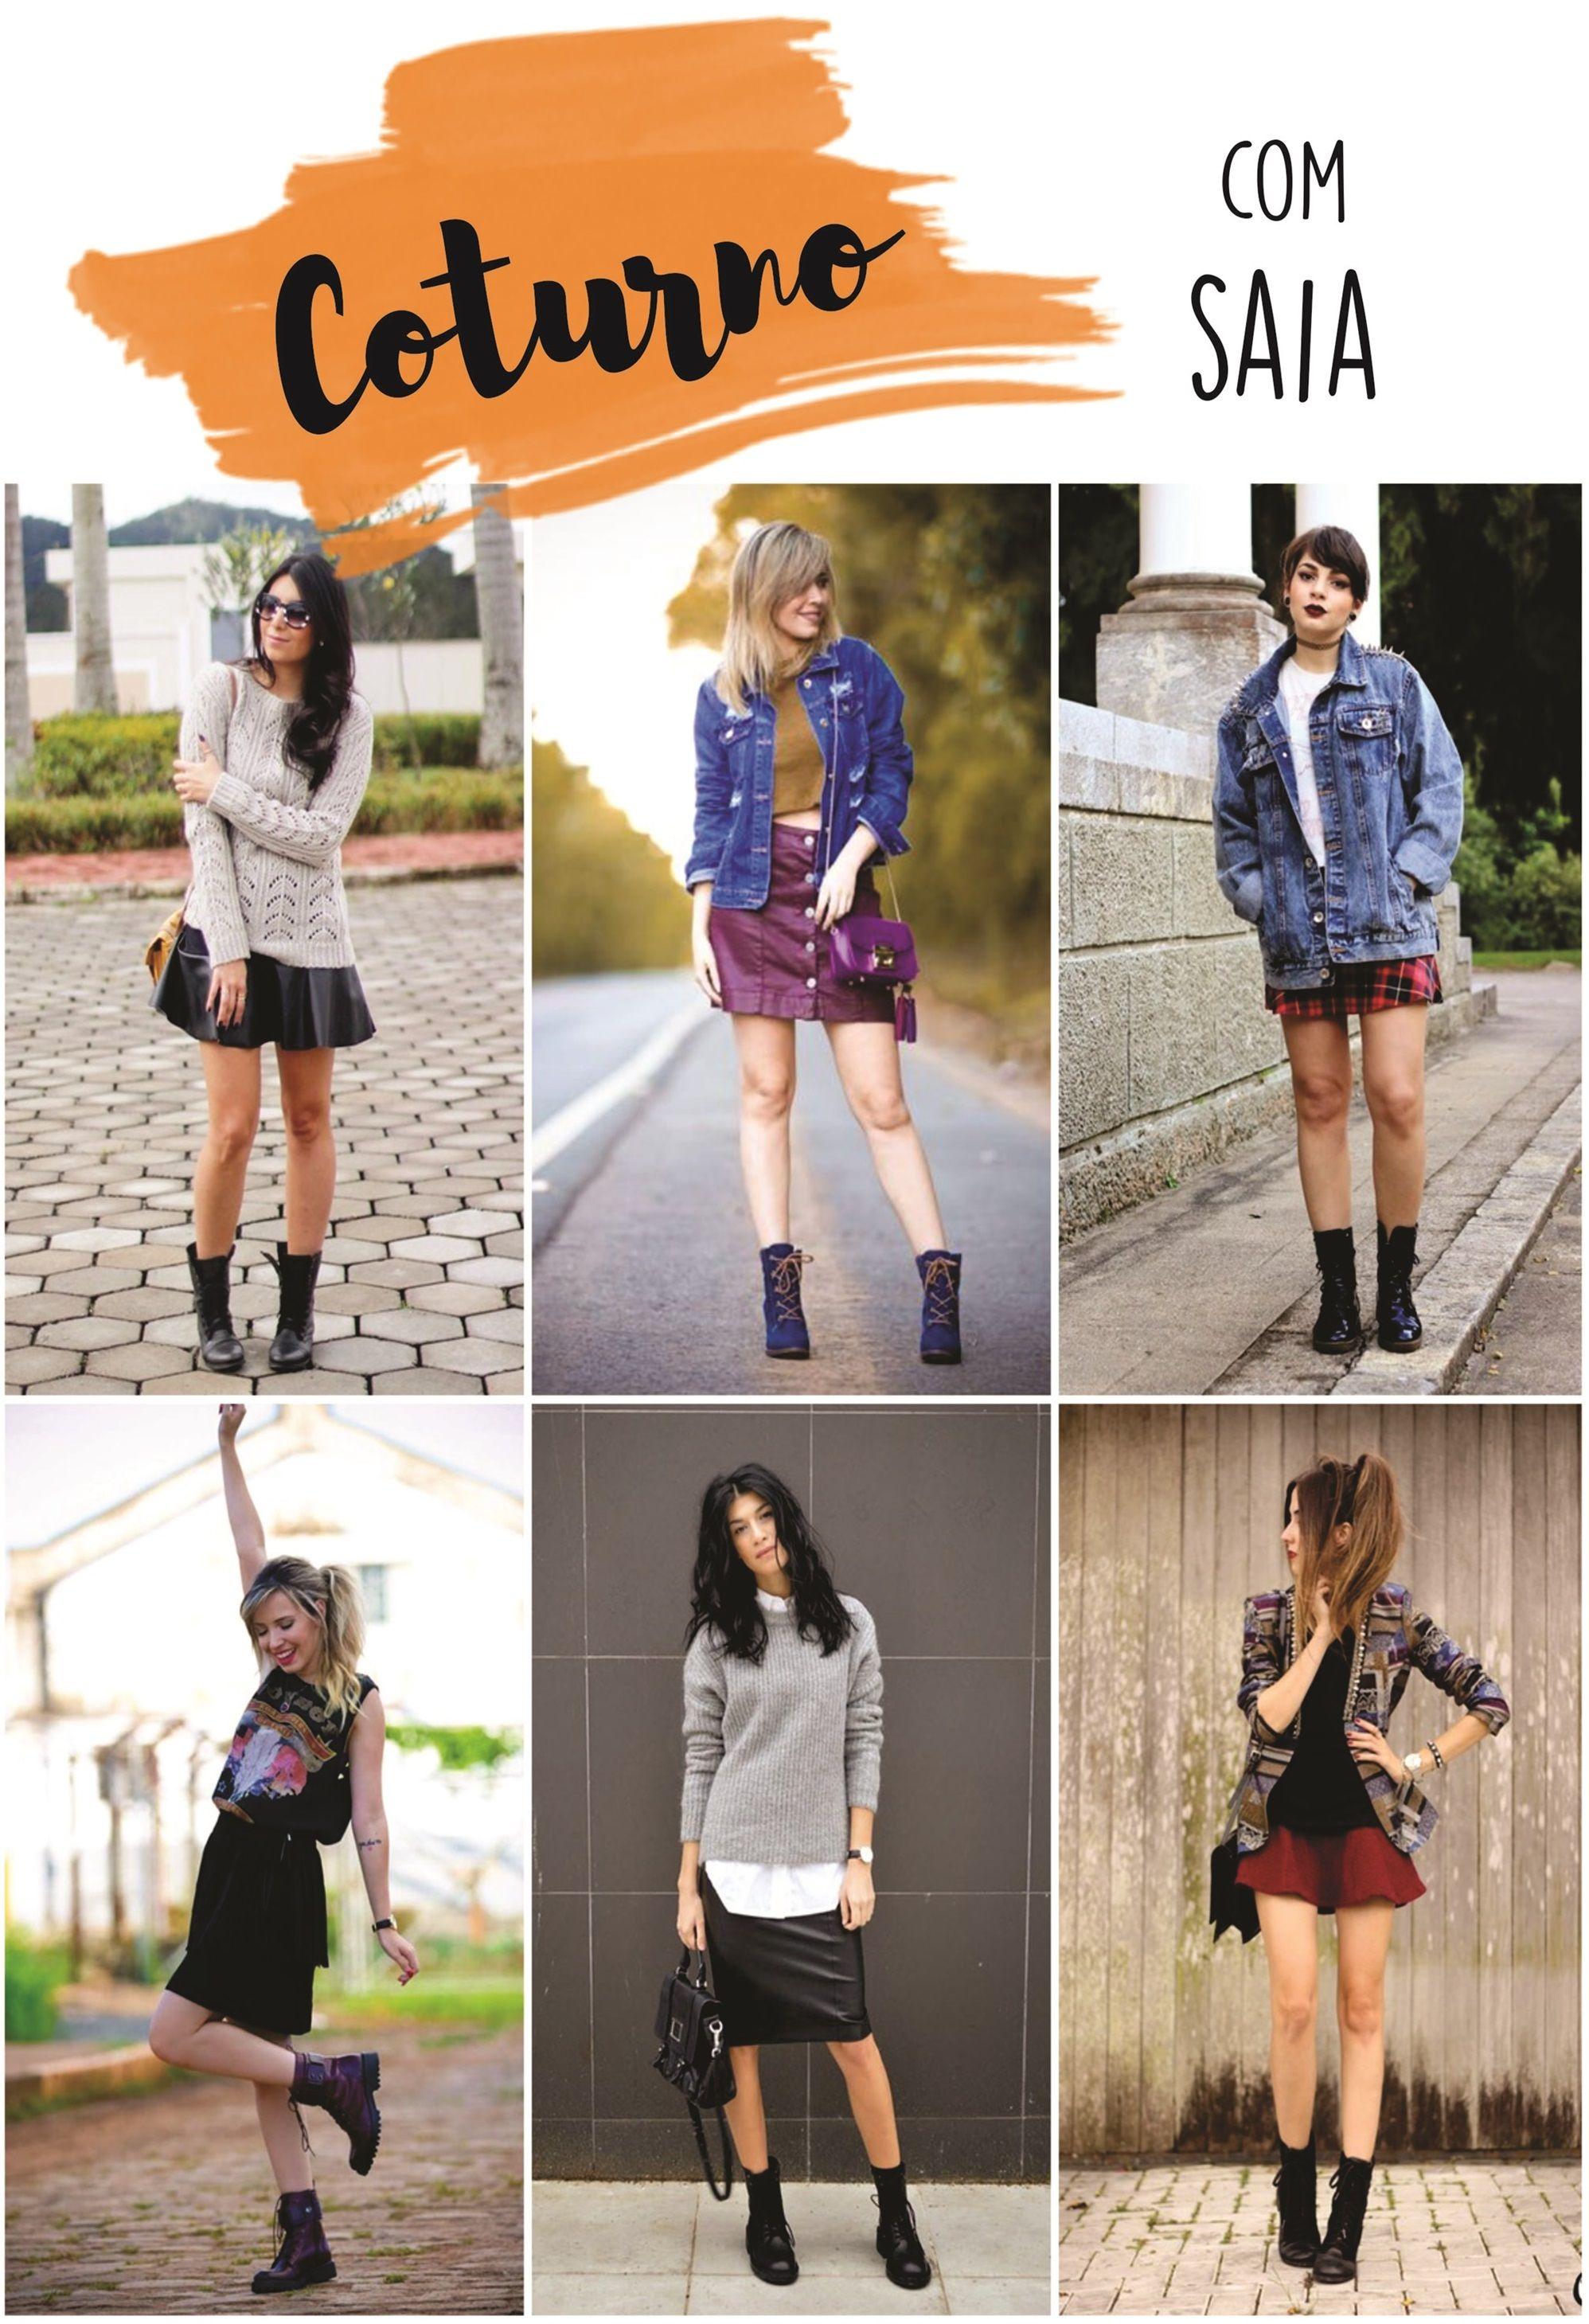 bota de cano curto | Moda botas, Roupas da moda, Moda